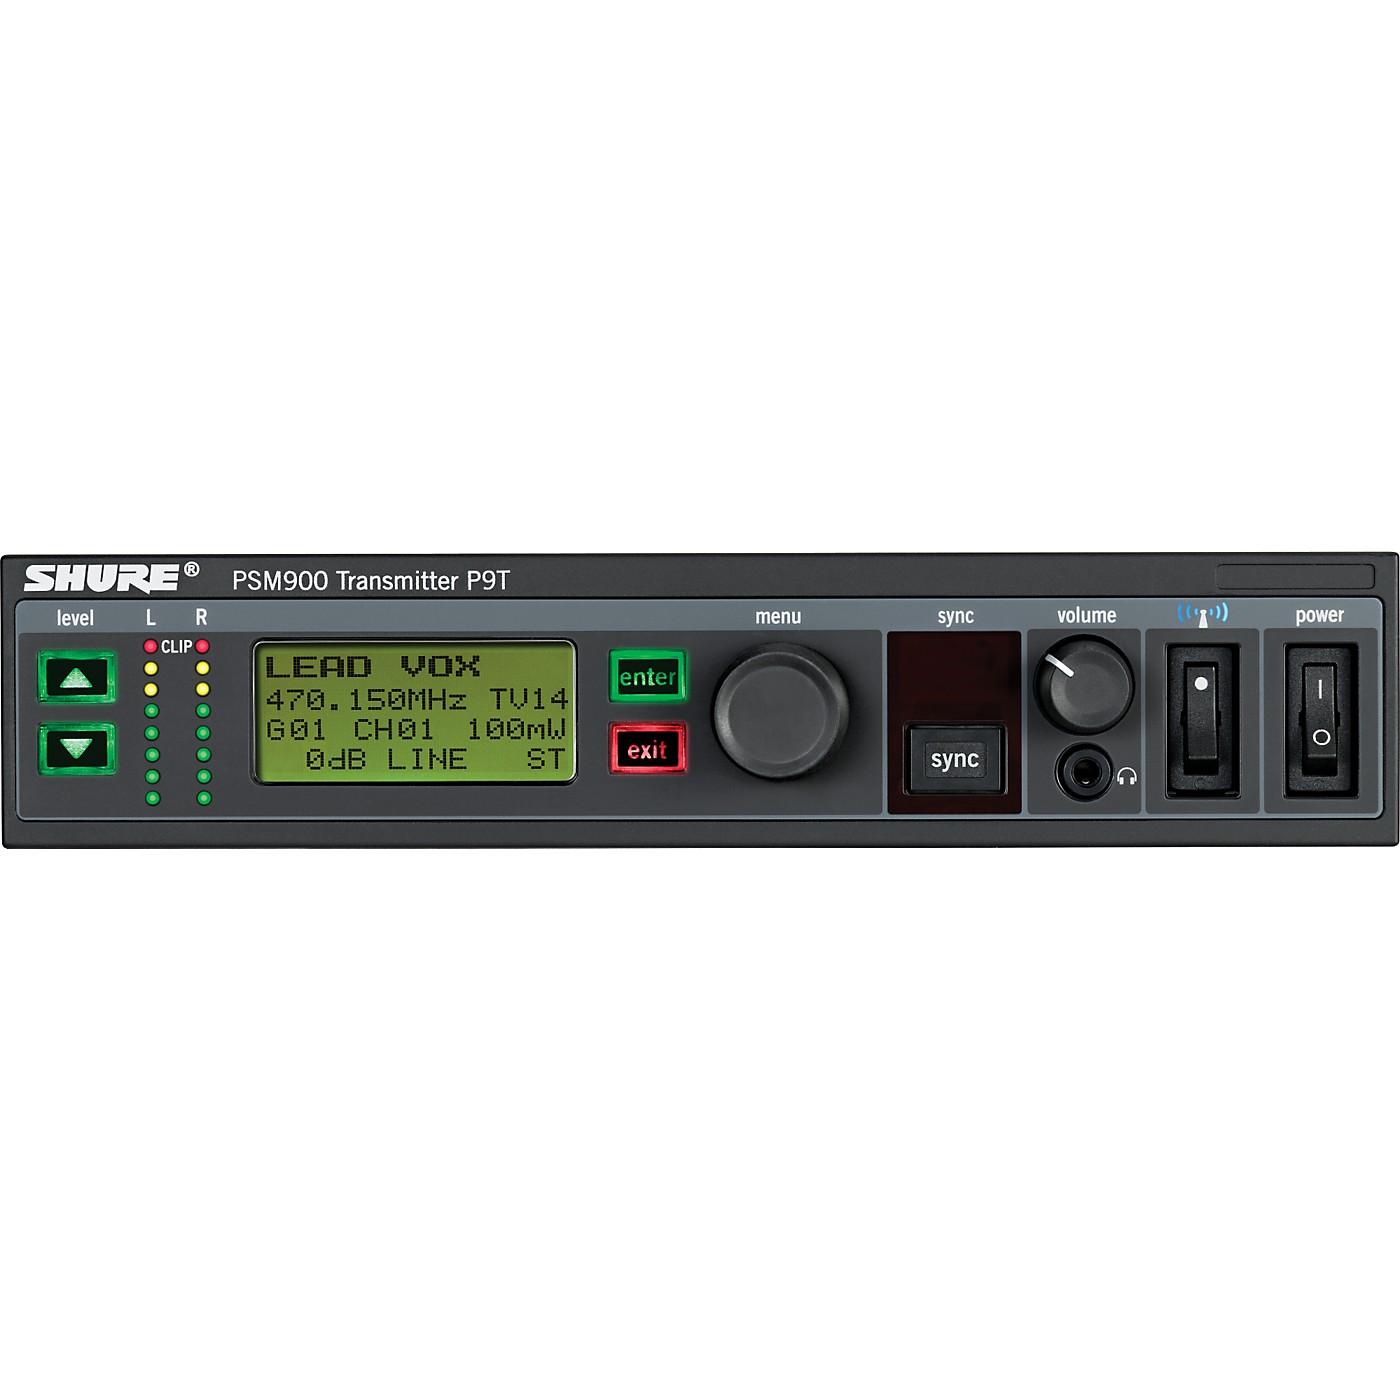 Shure P9T PSM900 Transmitter thumbnail